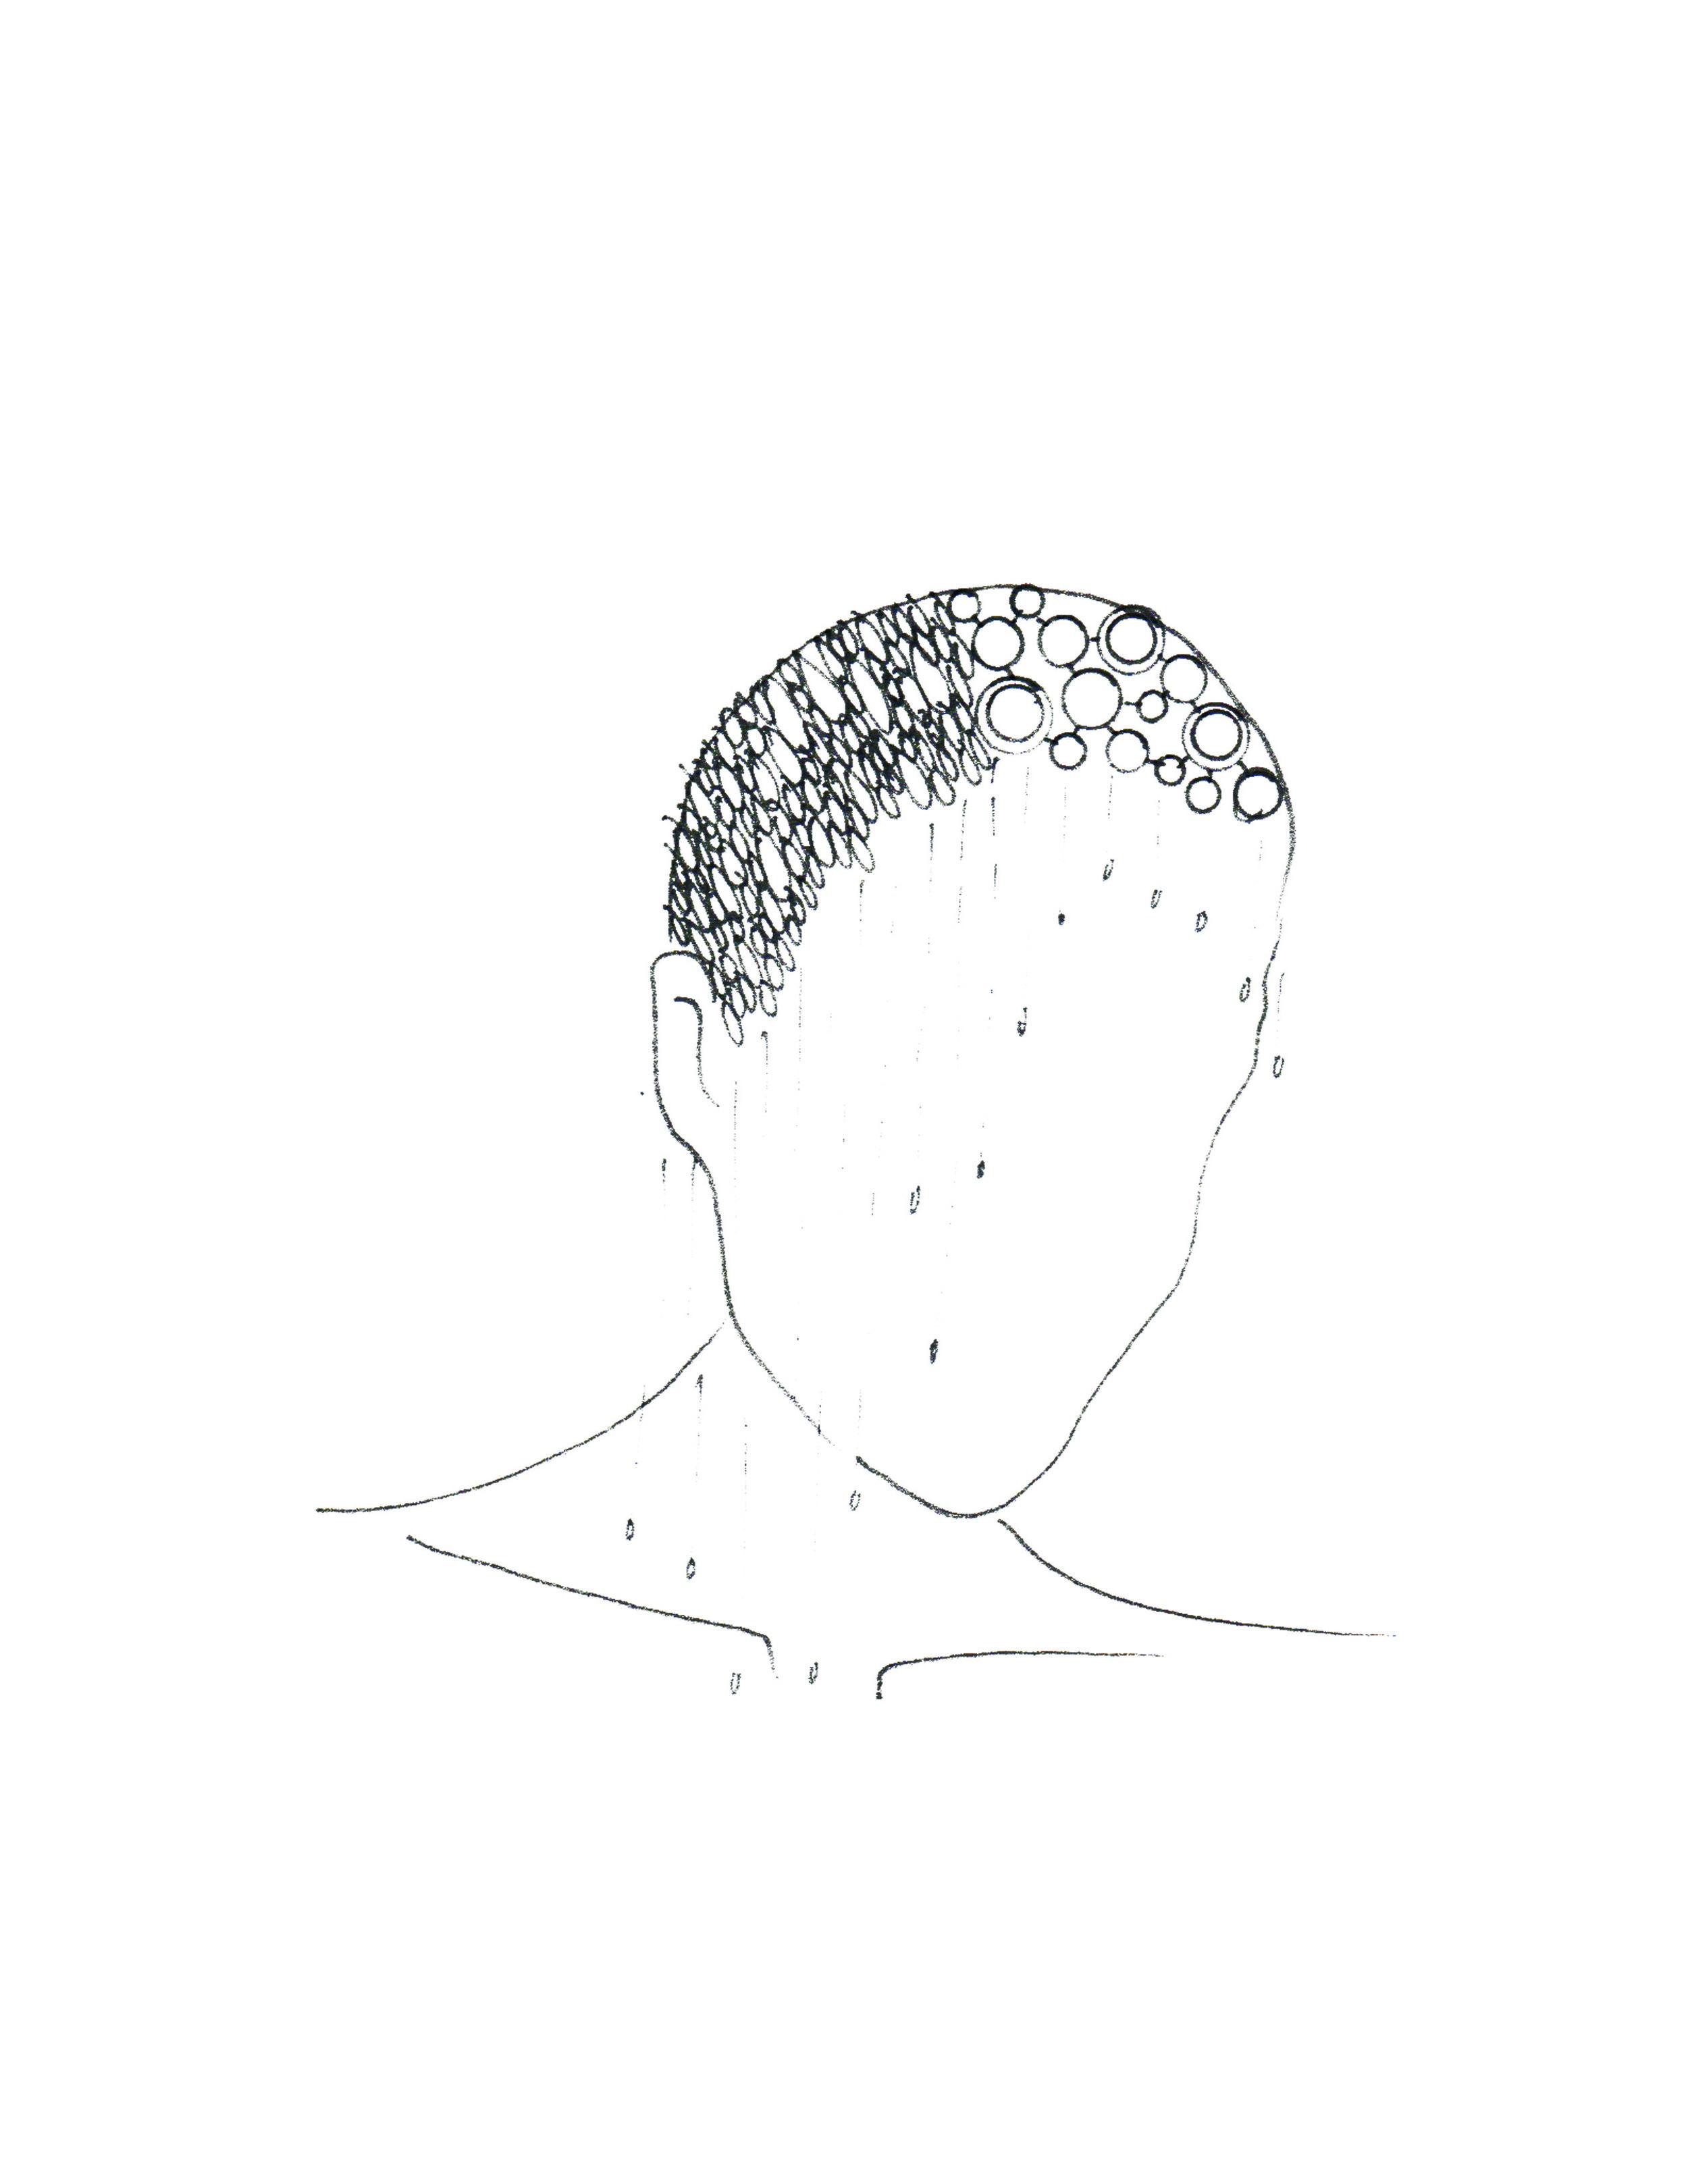 Swanson_Sarah_Sketch2.jpg